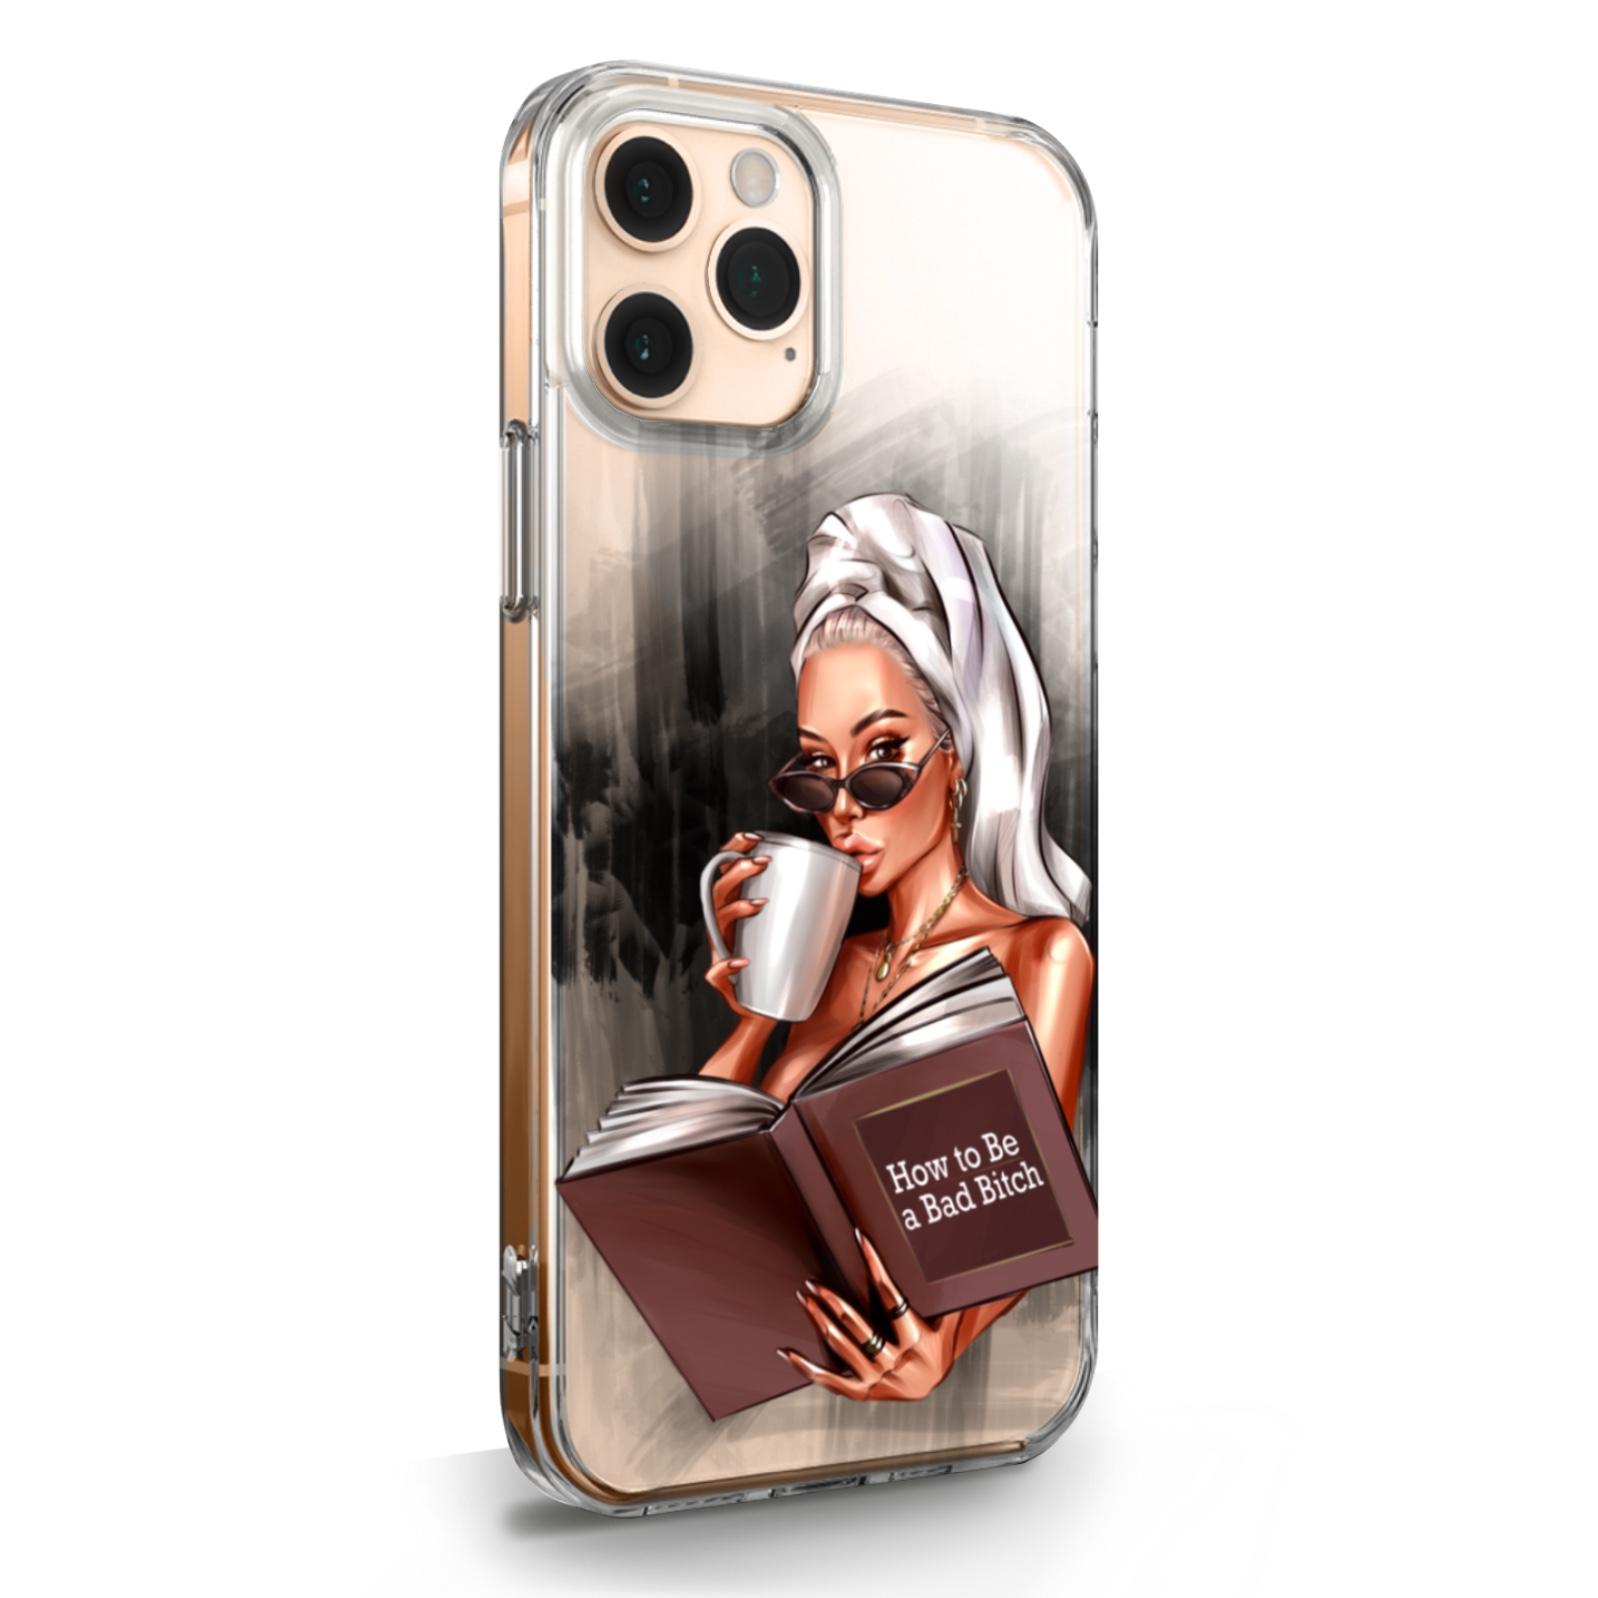 Прозрачный силиконовый чехол для iPhone 11 Pro How to be a bad Bitch для Айфон 11 Про